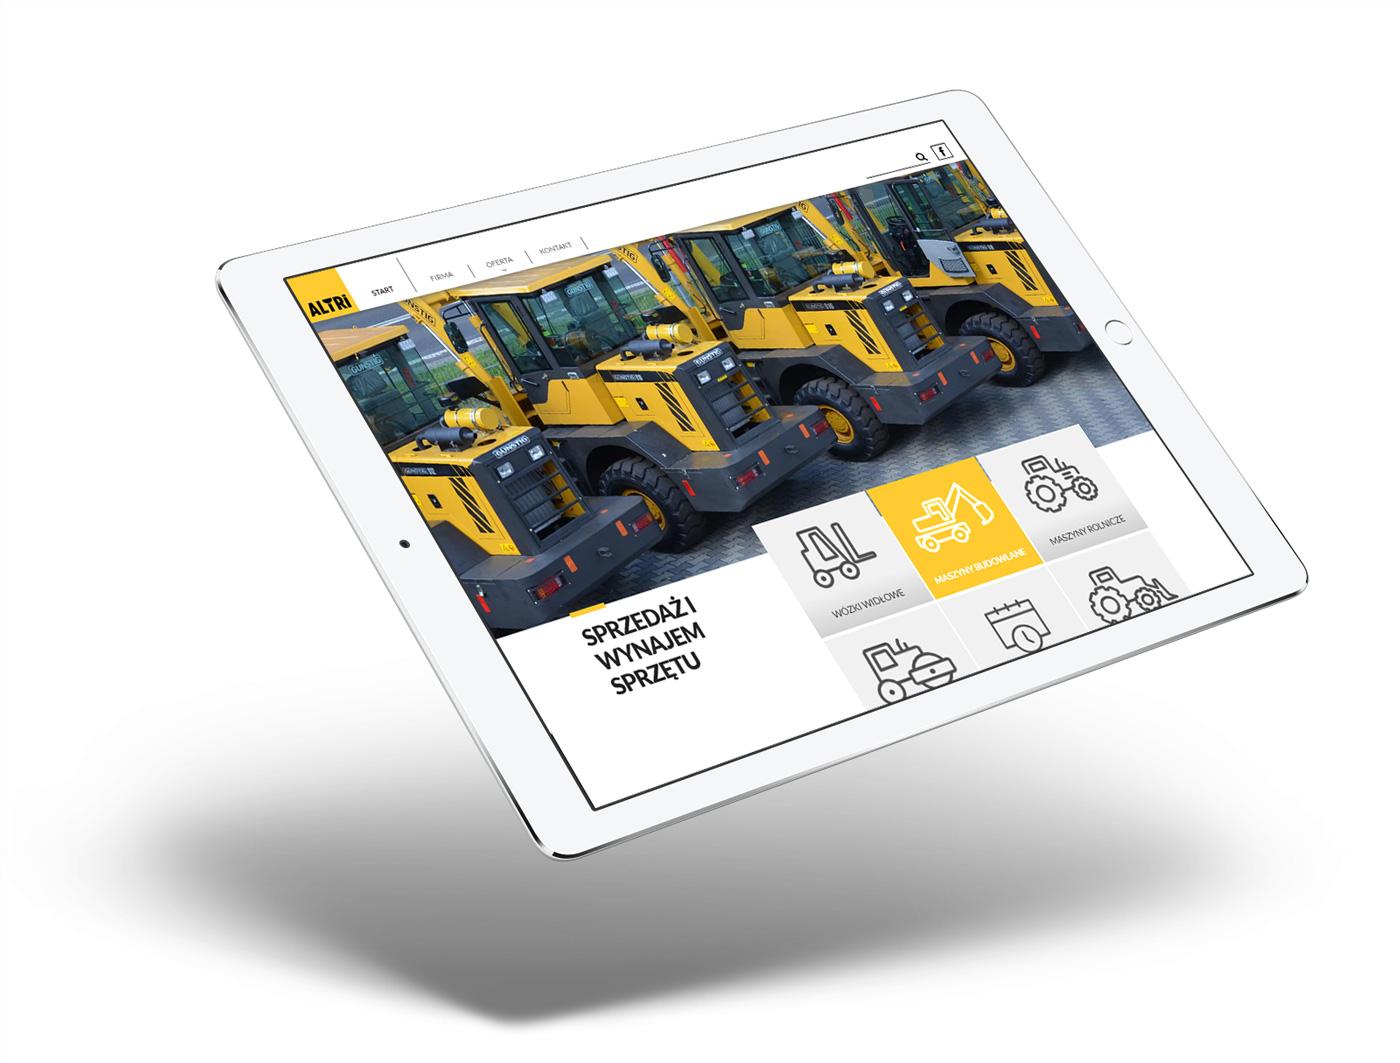 Minimalistyczna strona internetowa na tablecie